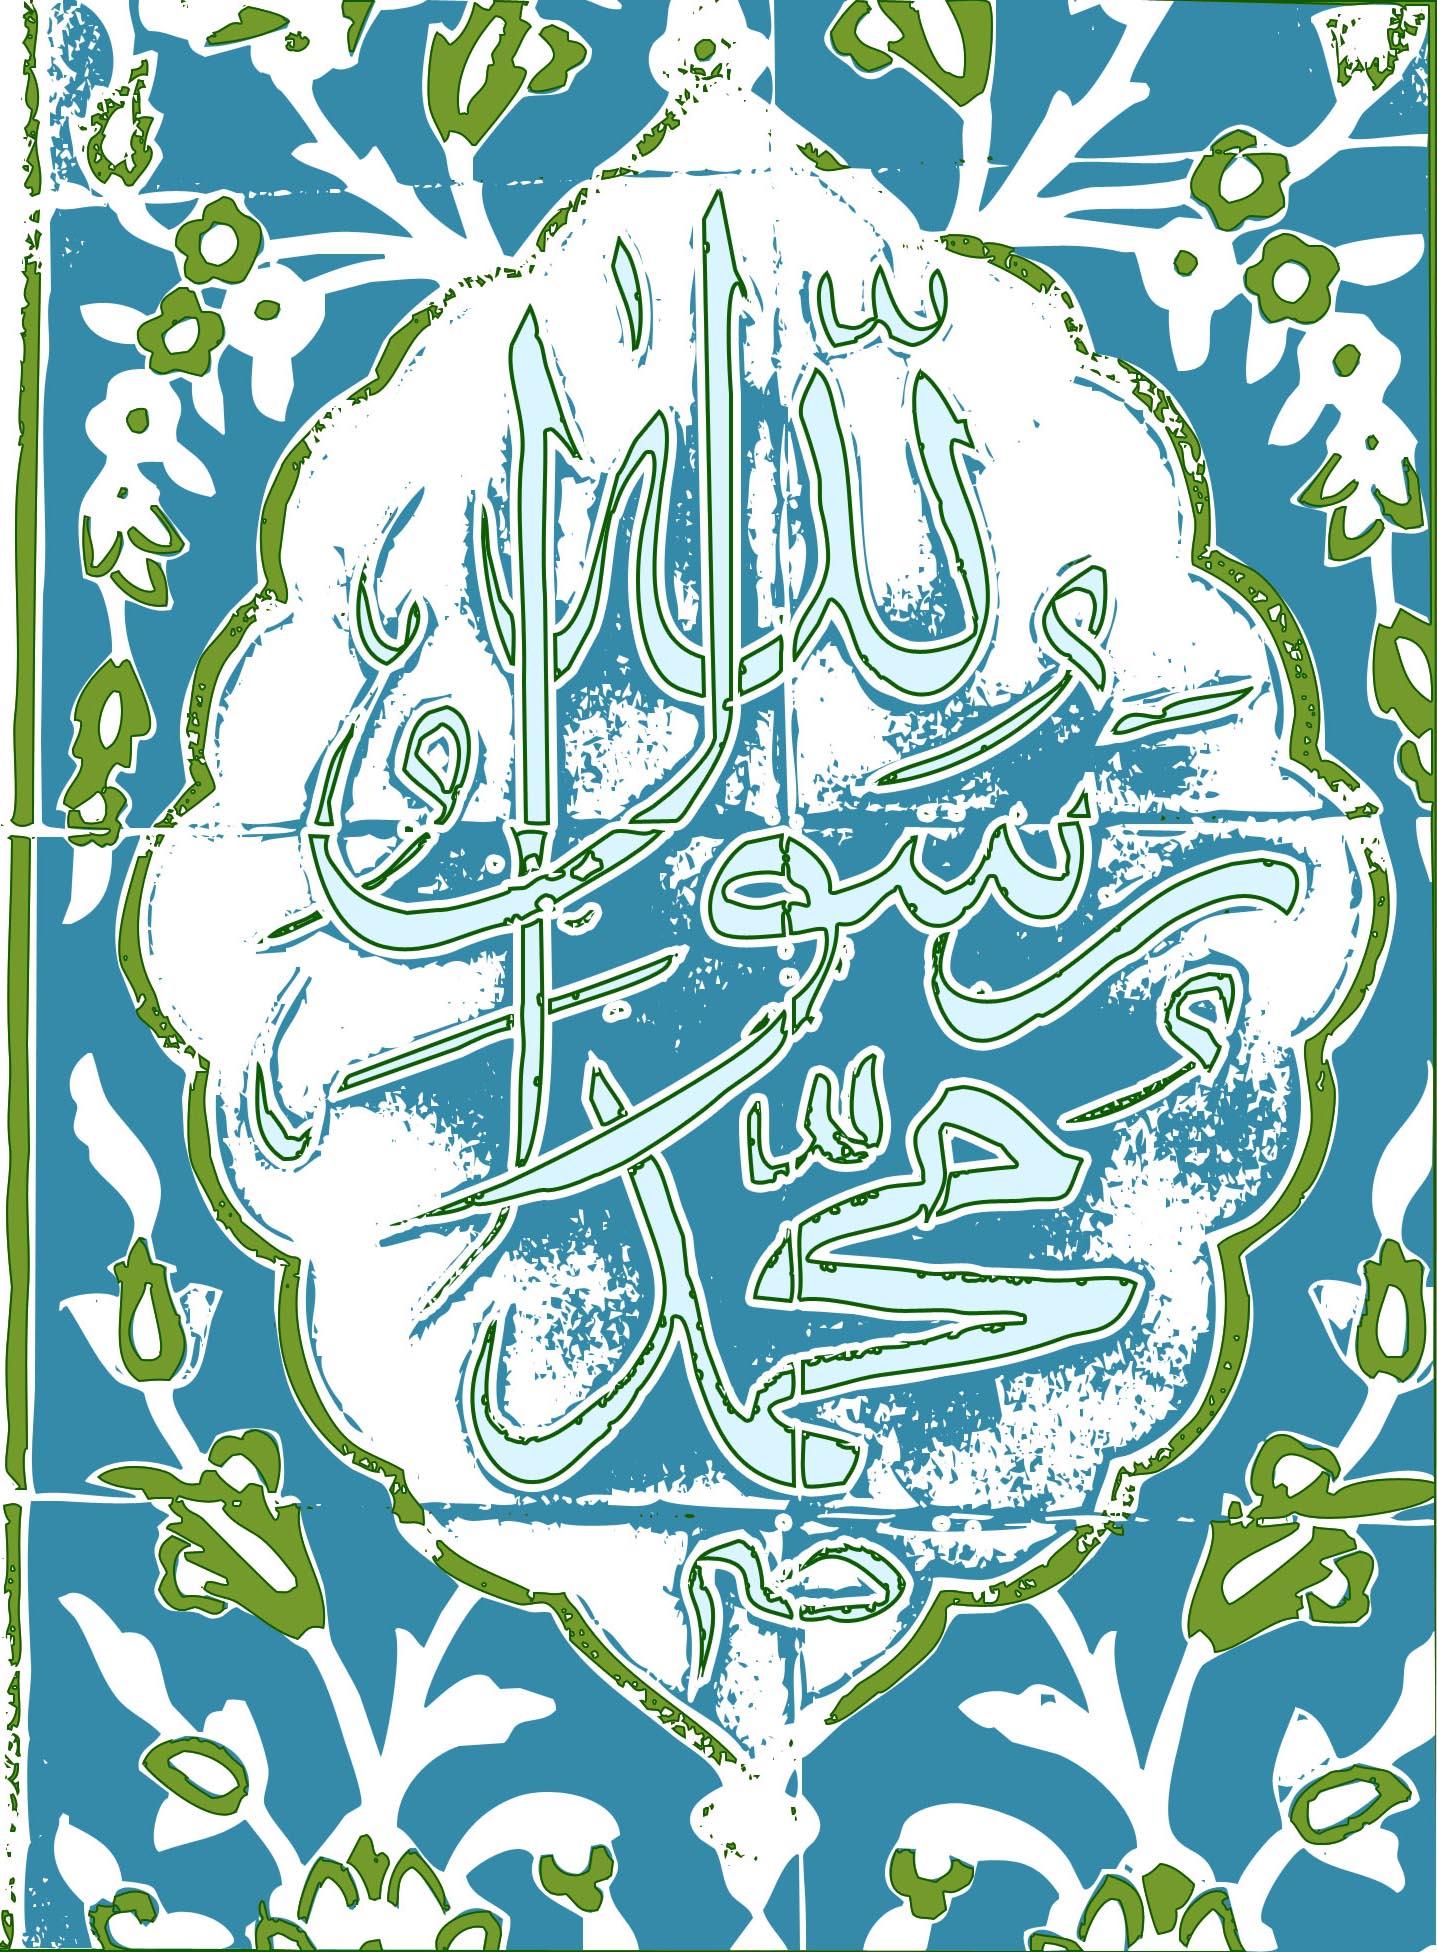 دانلود عکس و پوستر و تصویر با موضوع حضرت محمد مصطفی(ص) به کوری چشم اهانت کنندگان نشریه شارلی ابدو  به ساحت مقدس پیامبر اکرم(ص)